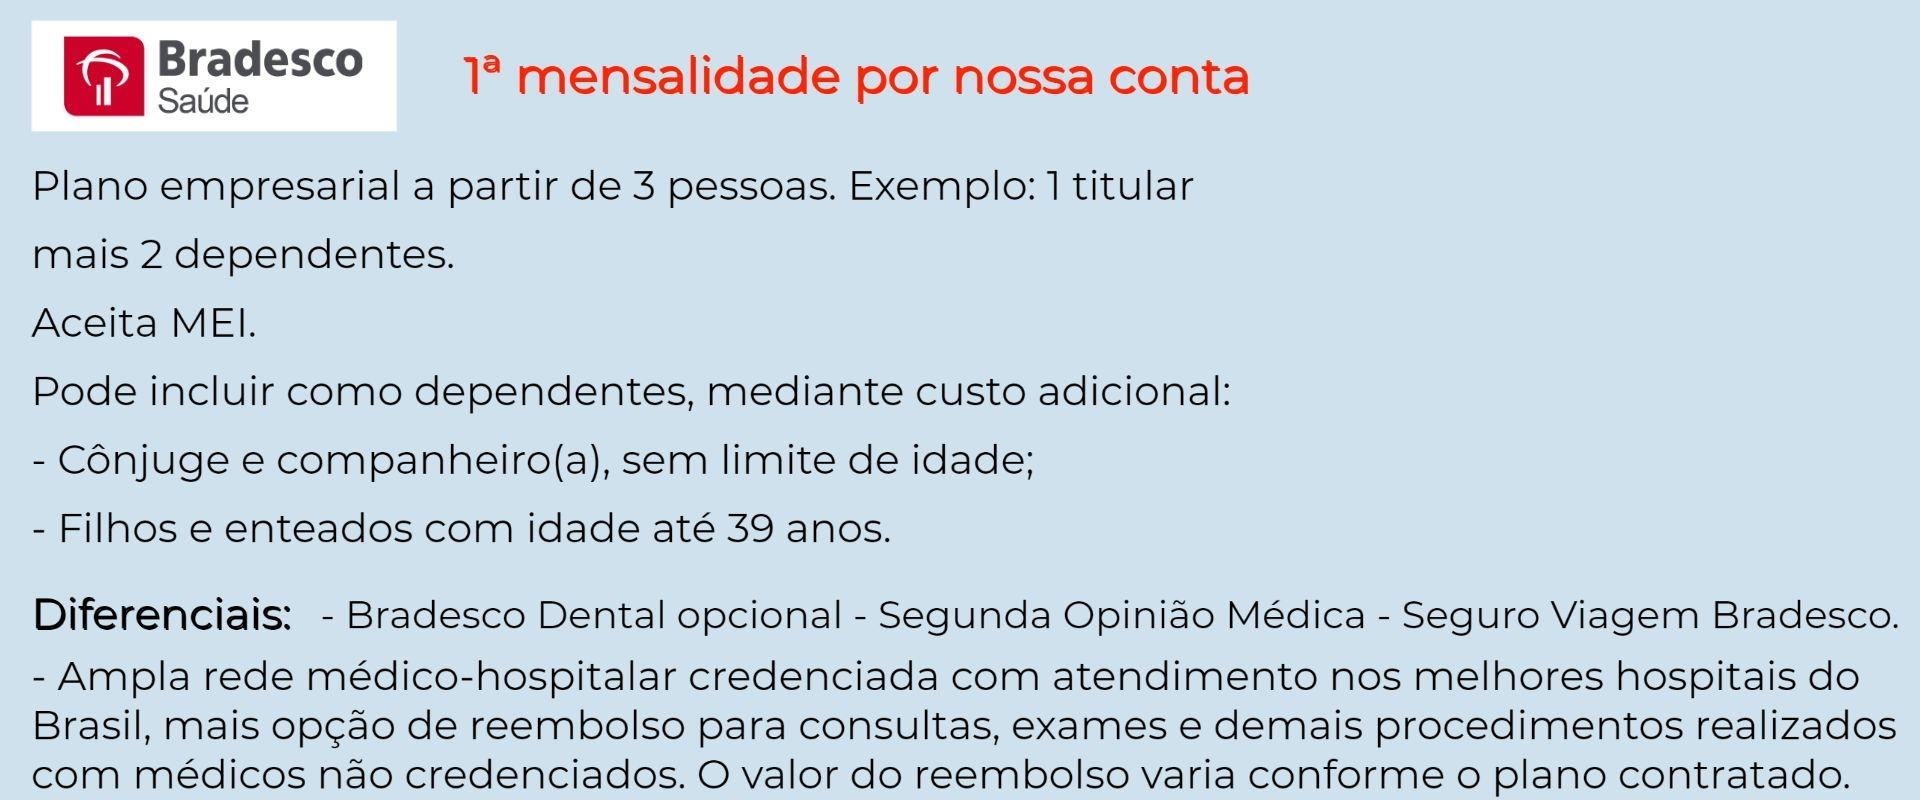 Bradesco Saúde Empresarial - São José do Rio Preto